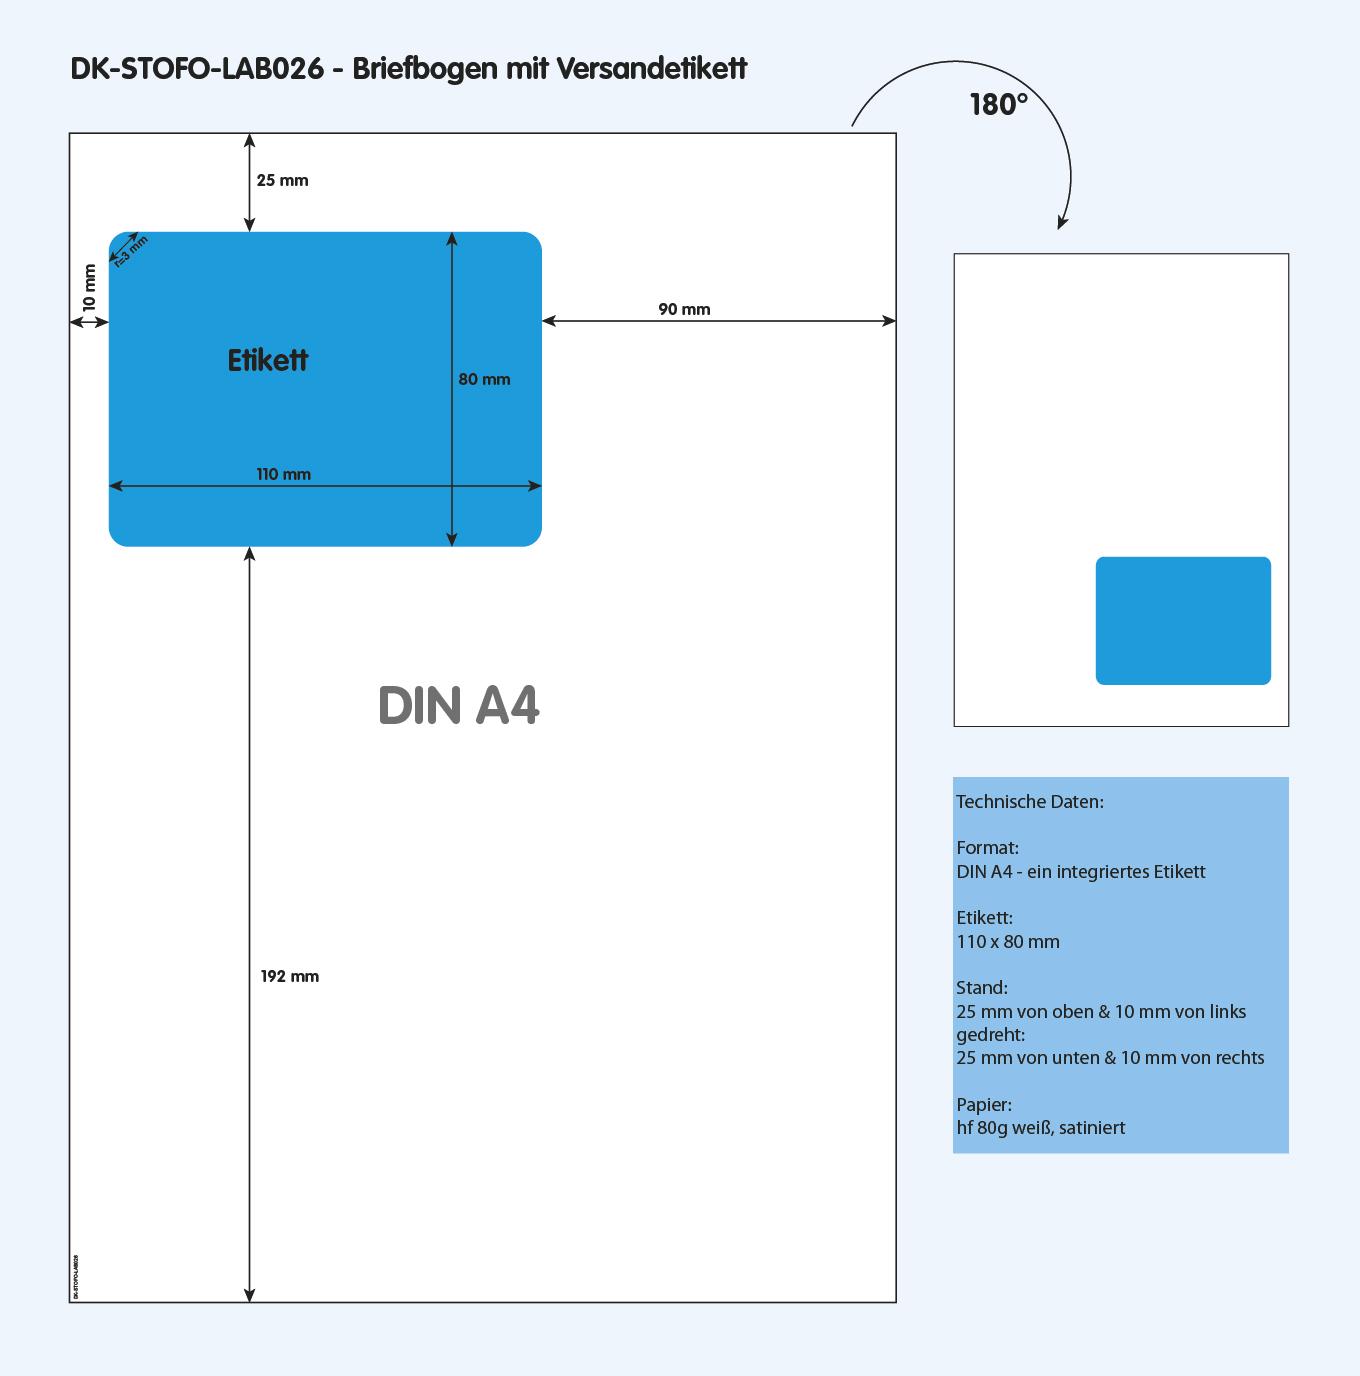 DK-STOFO-LAB026 - technische Zeichnung